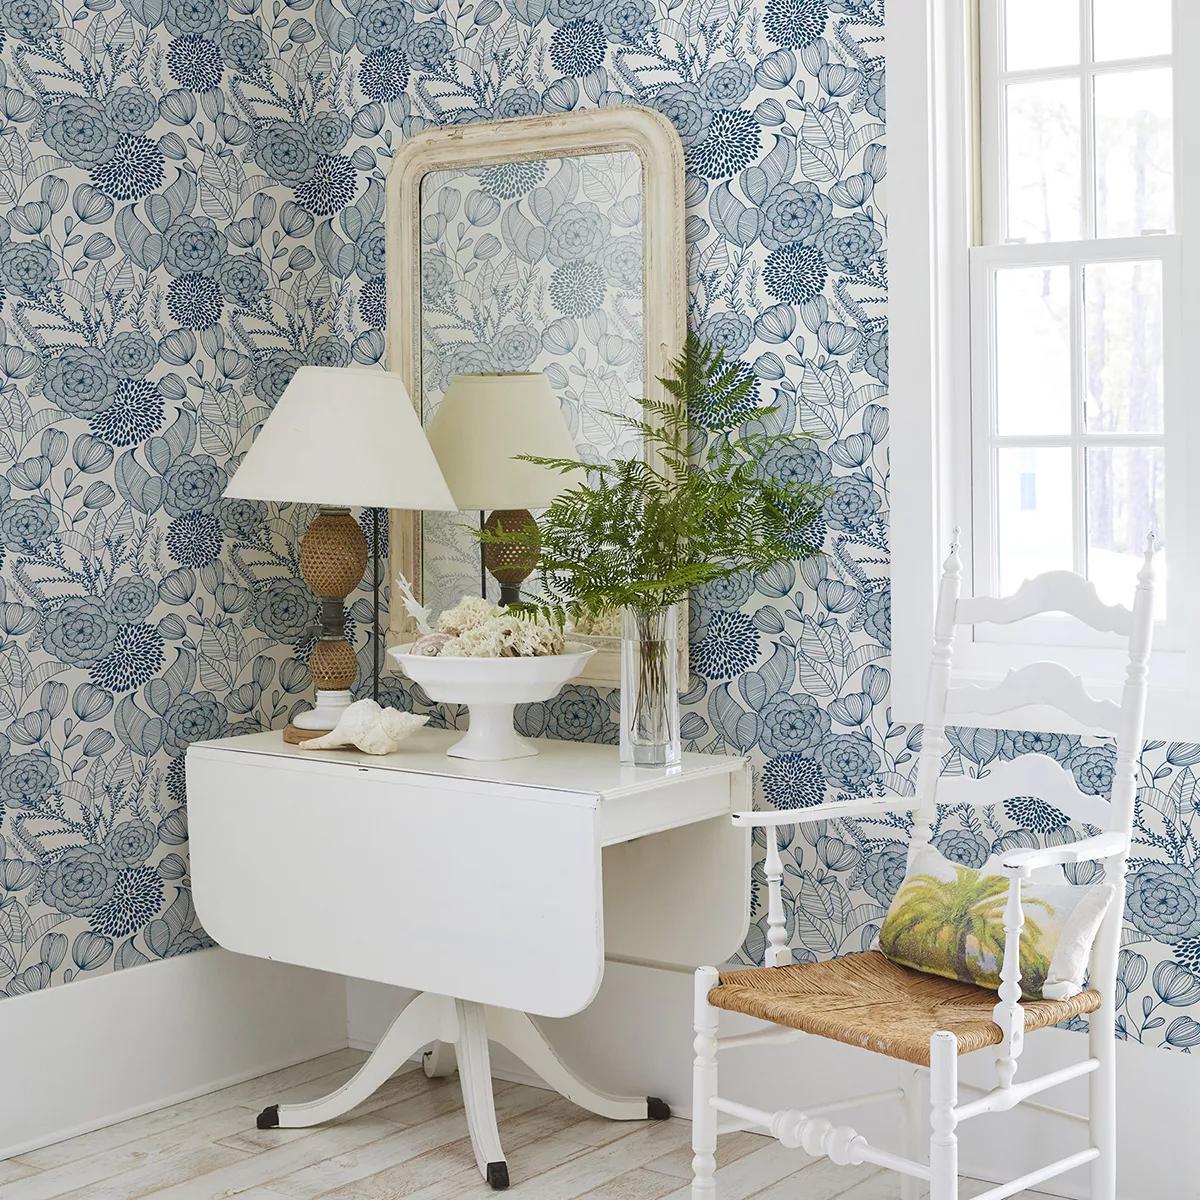 Kék skandináv stílusú vlies virágmintás prémium tapéta